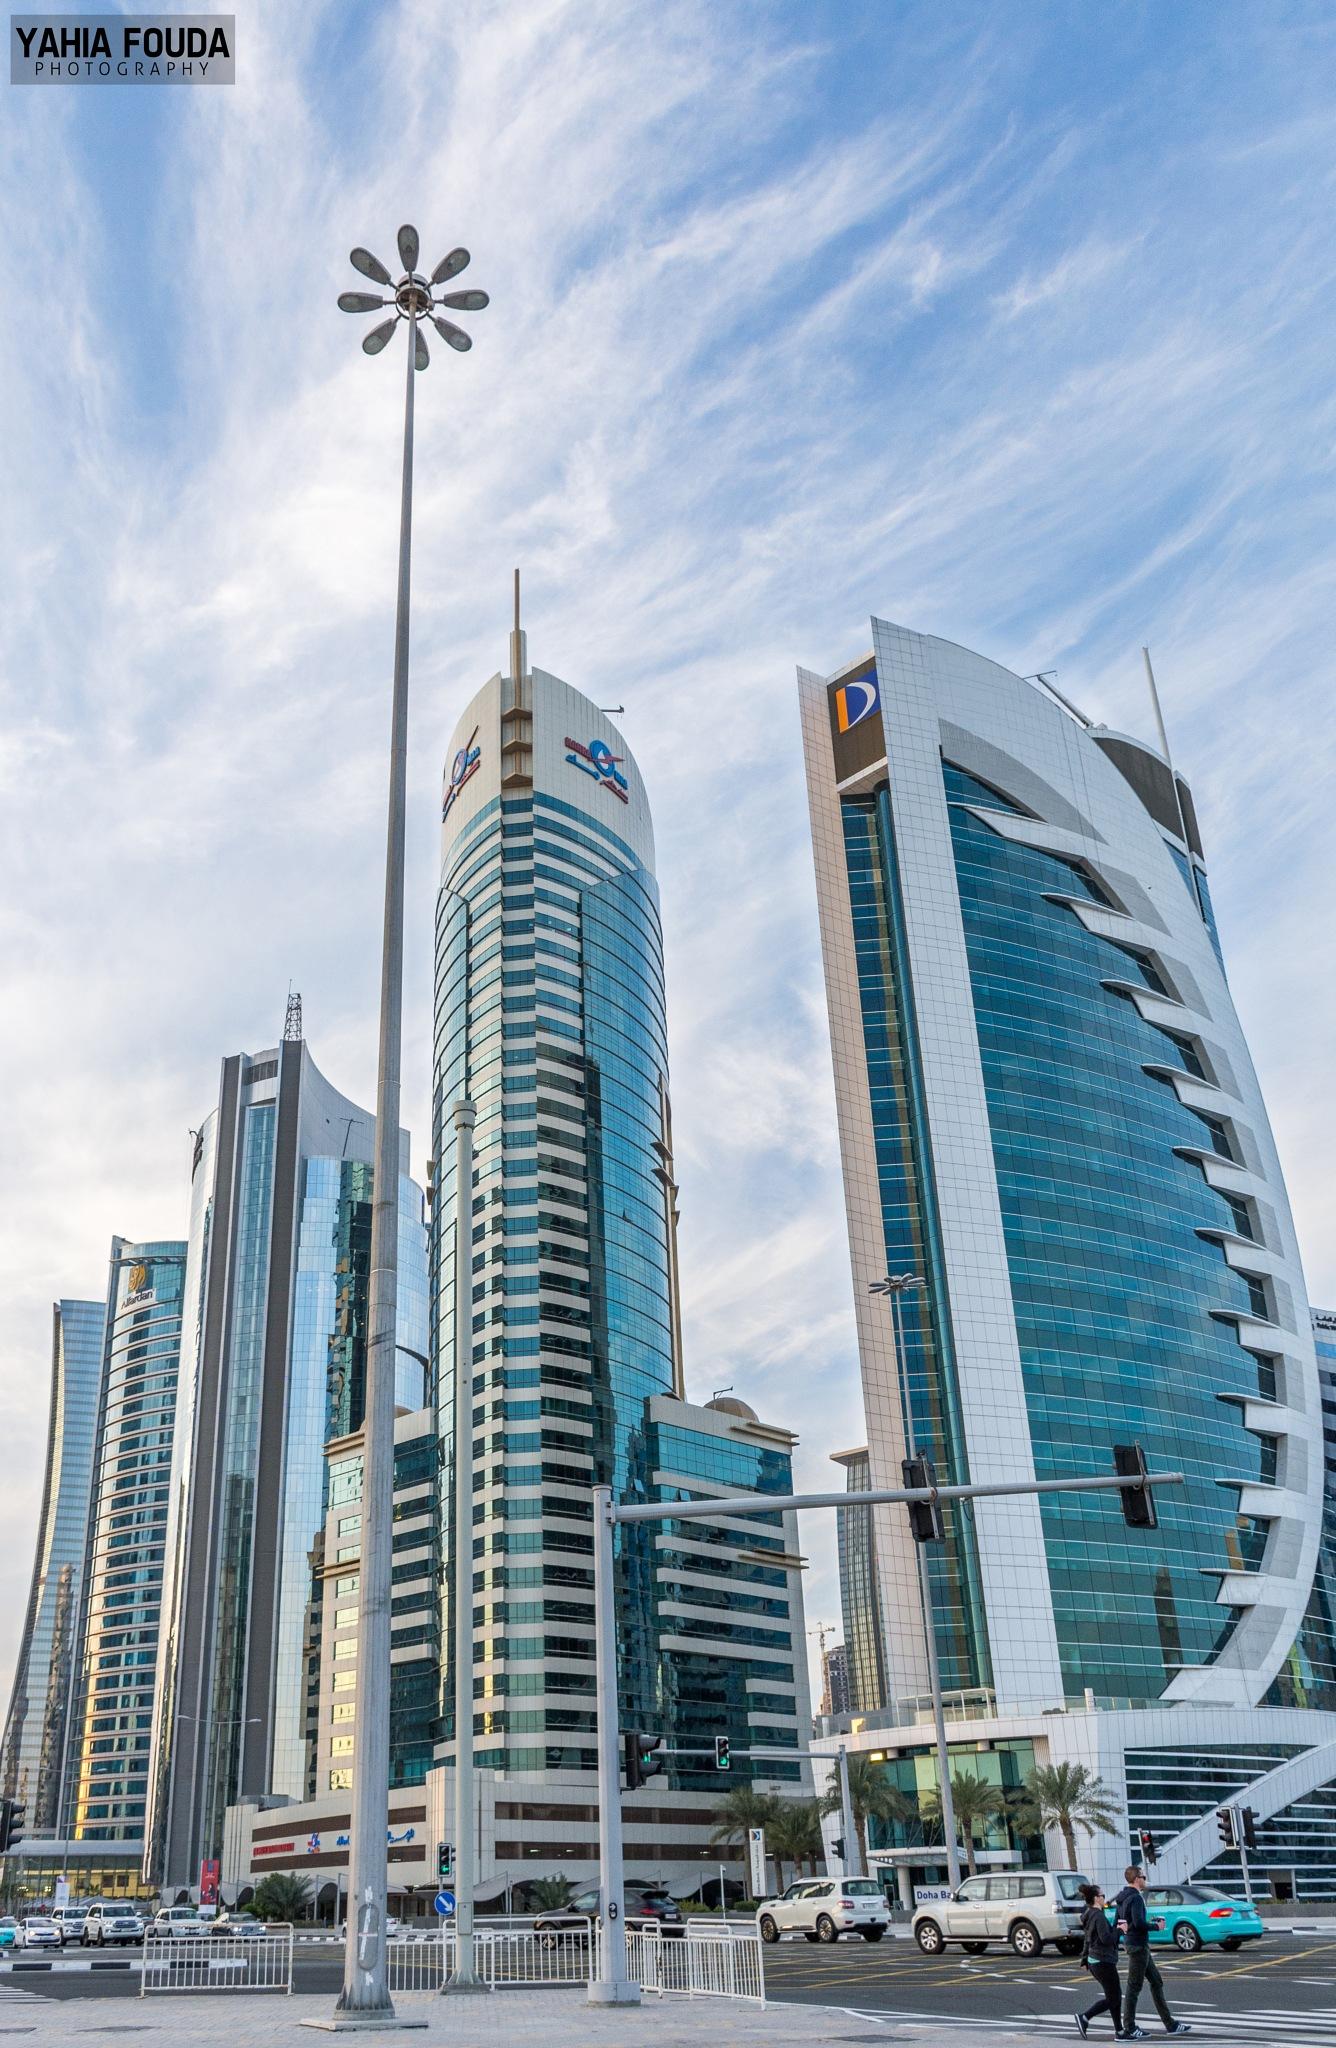 Doha Cityscape by Yahya Fouda